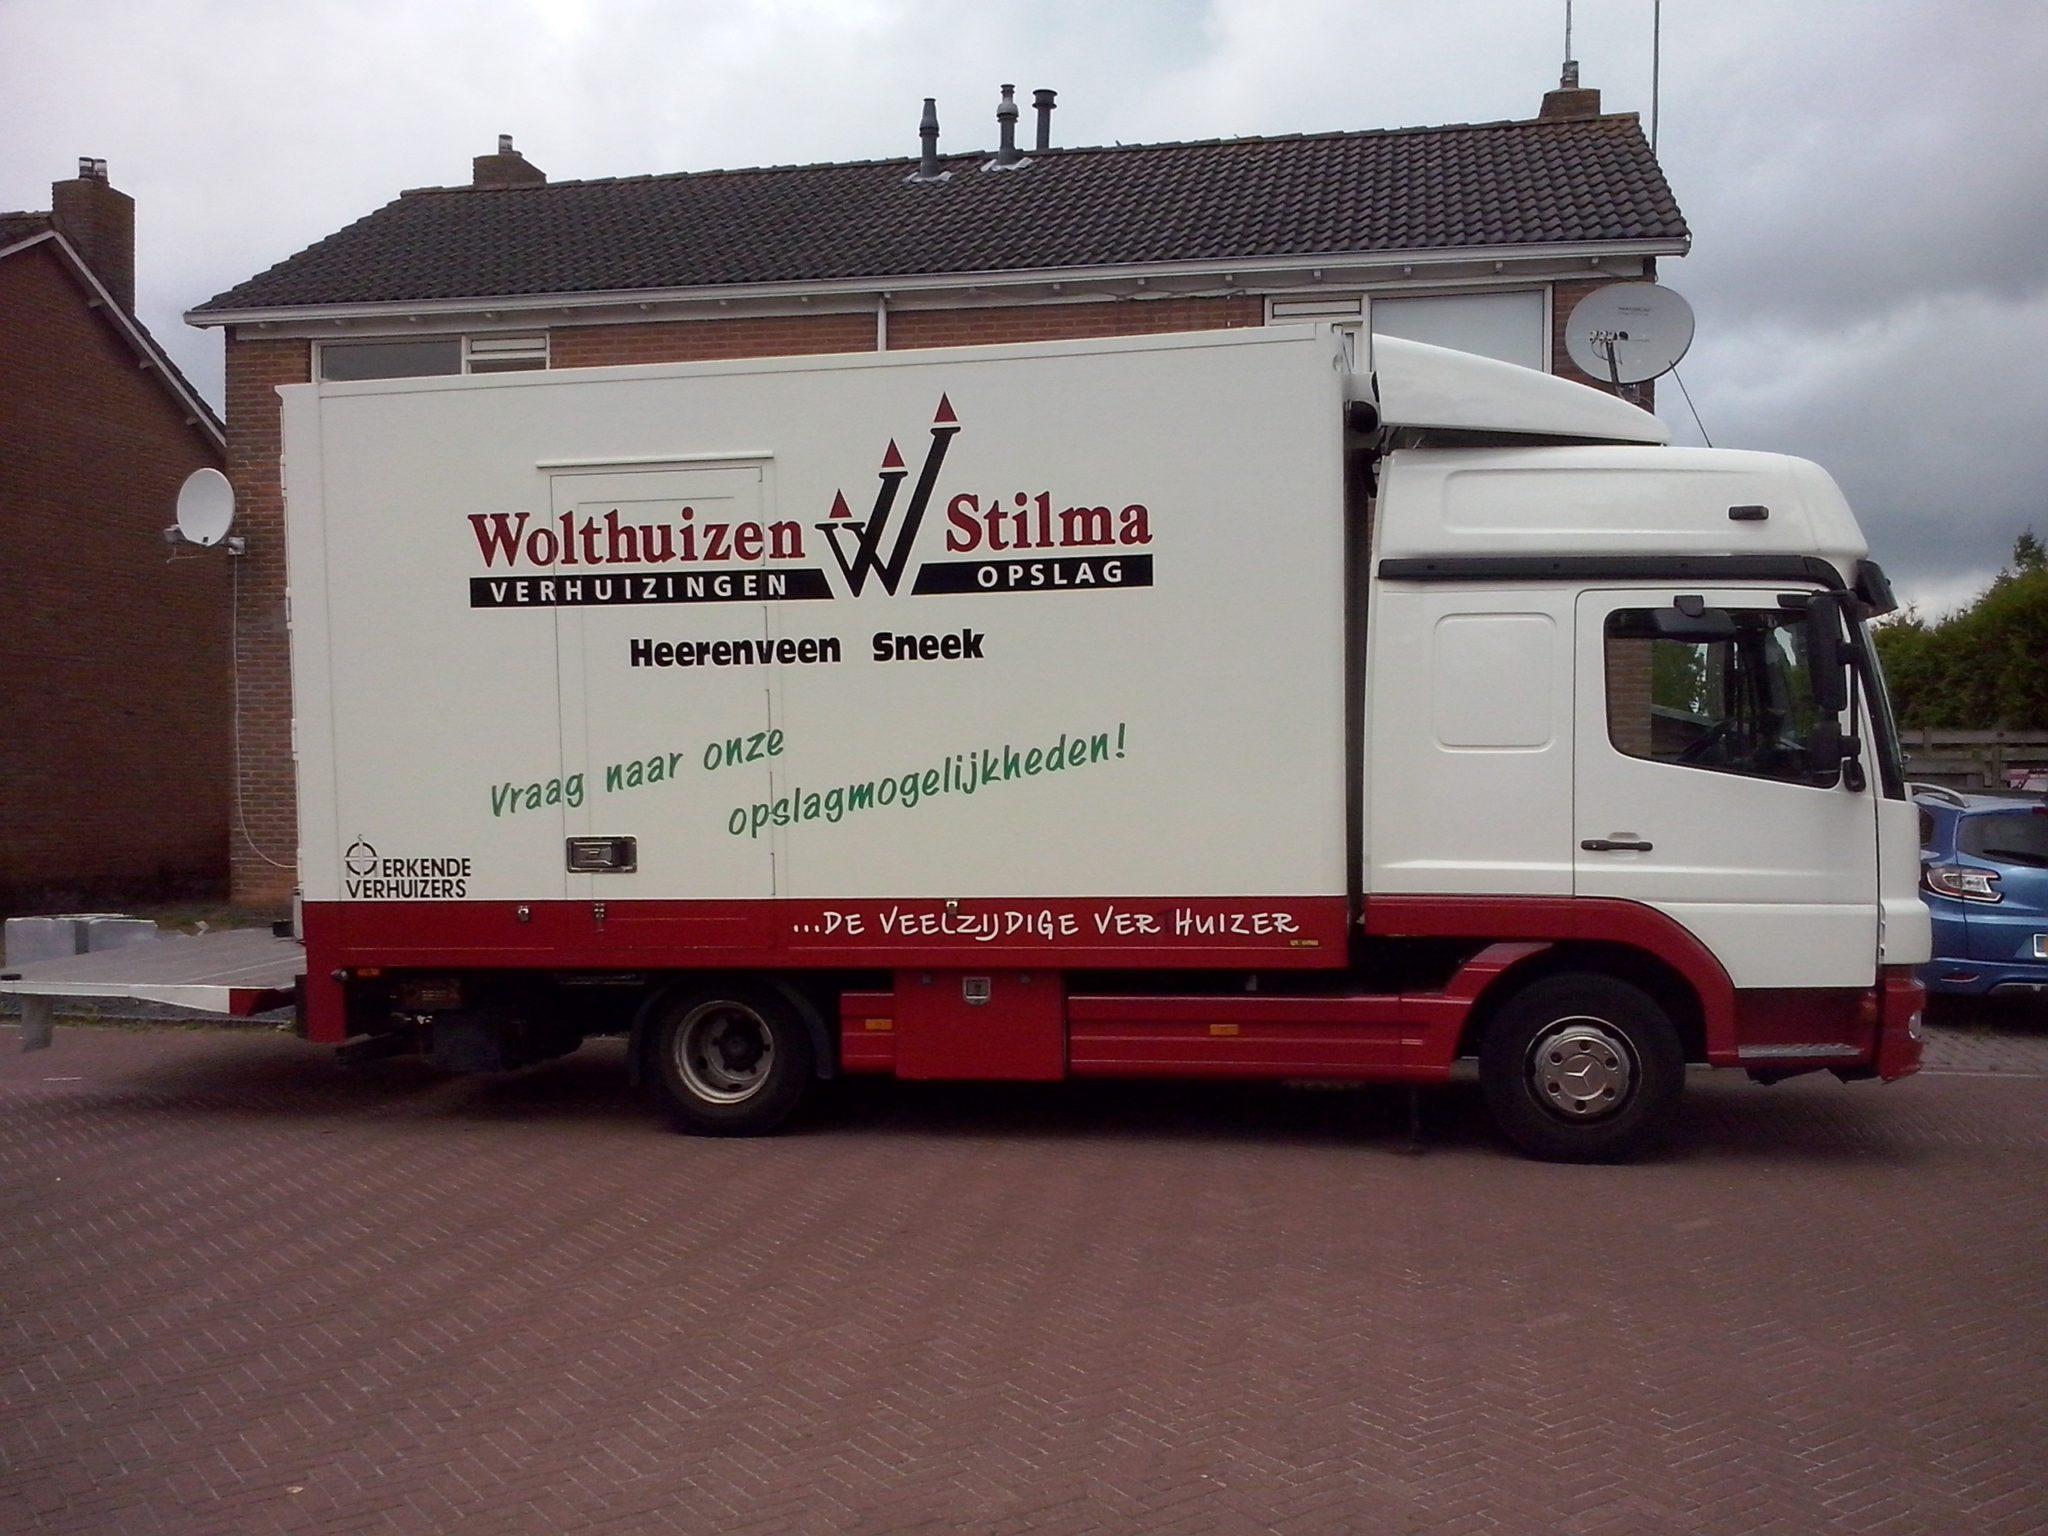 verhuisbedrijf Wolthuizen Stilma De Vries